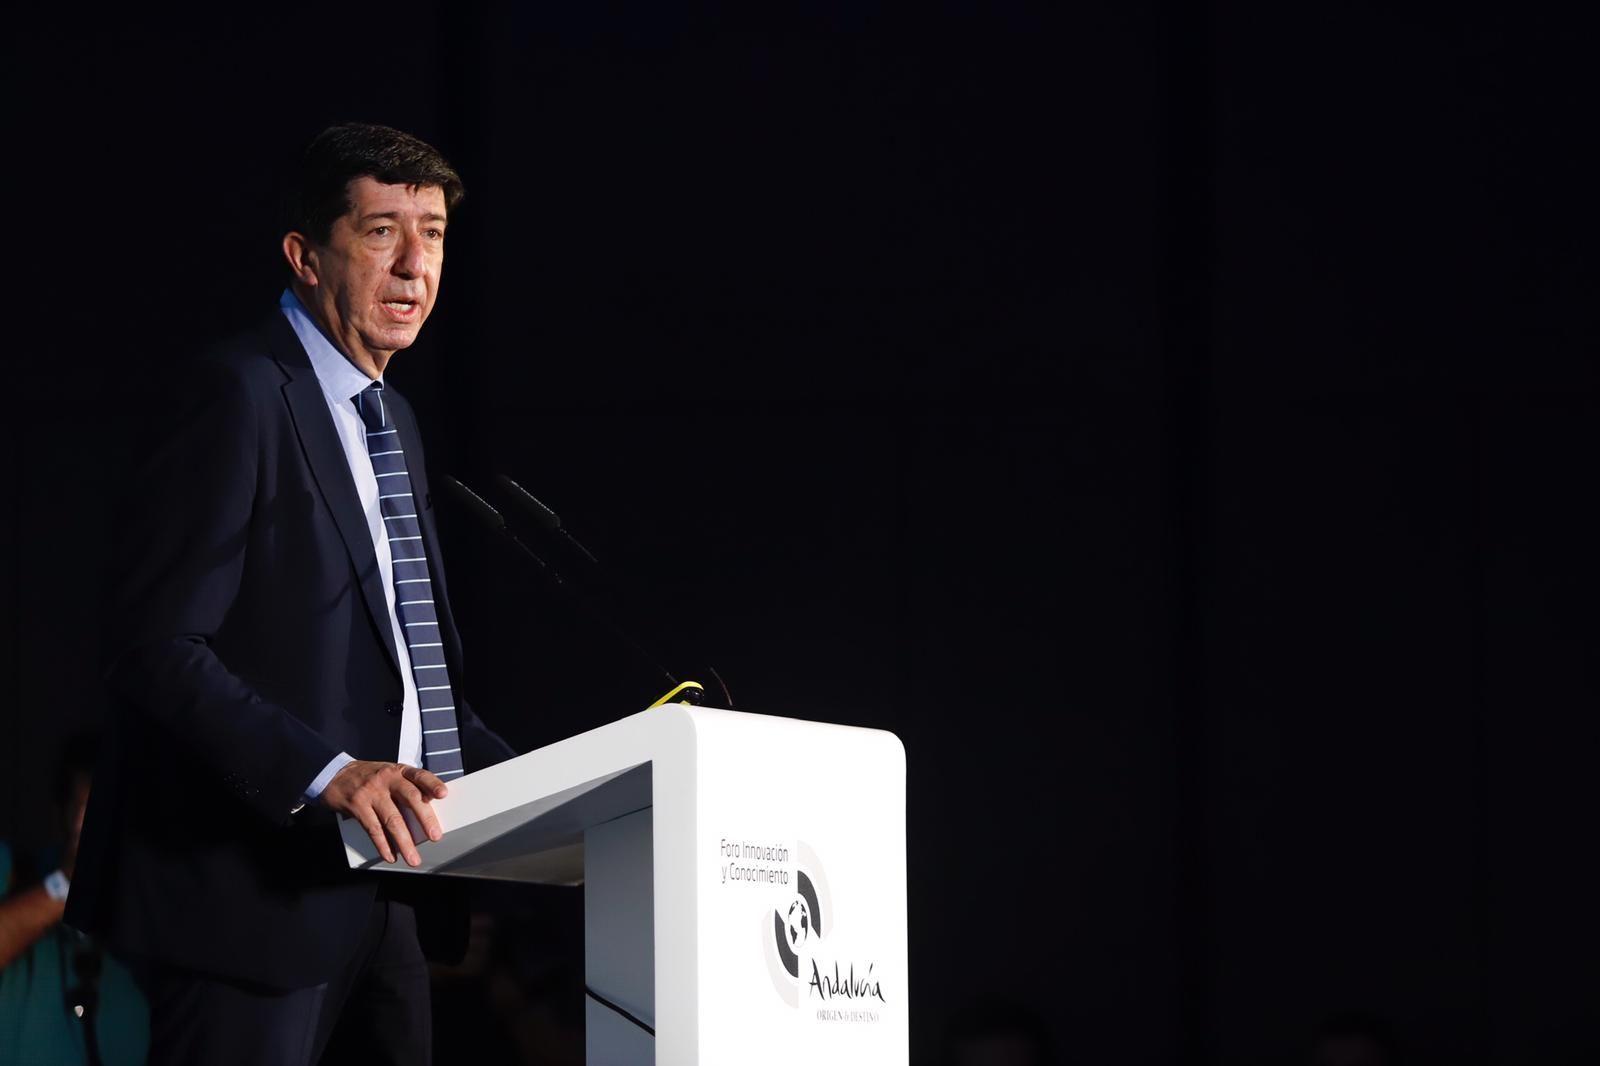 Juan Marín en el Foro de Innovación y Conocimiento 'Andalucía, origen y destino'.